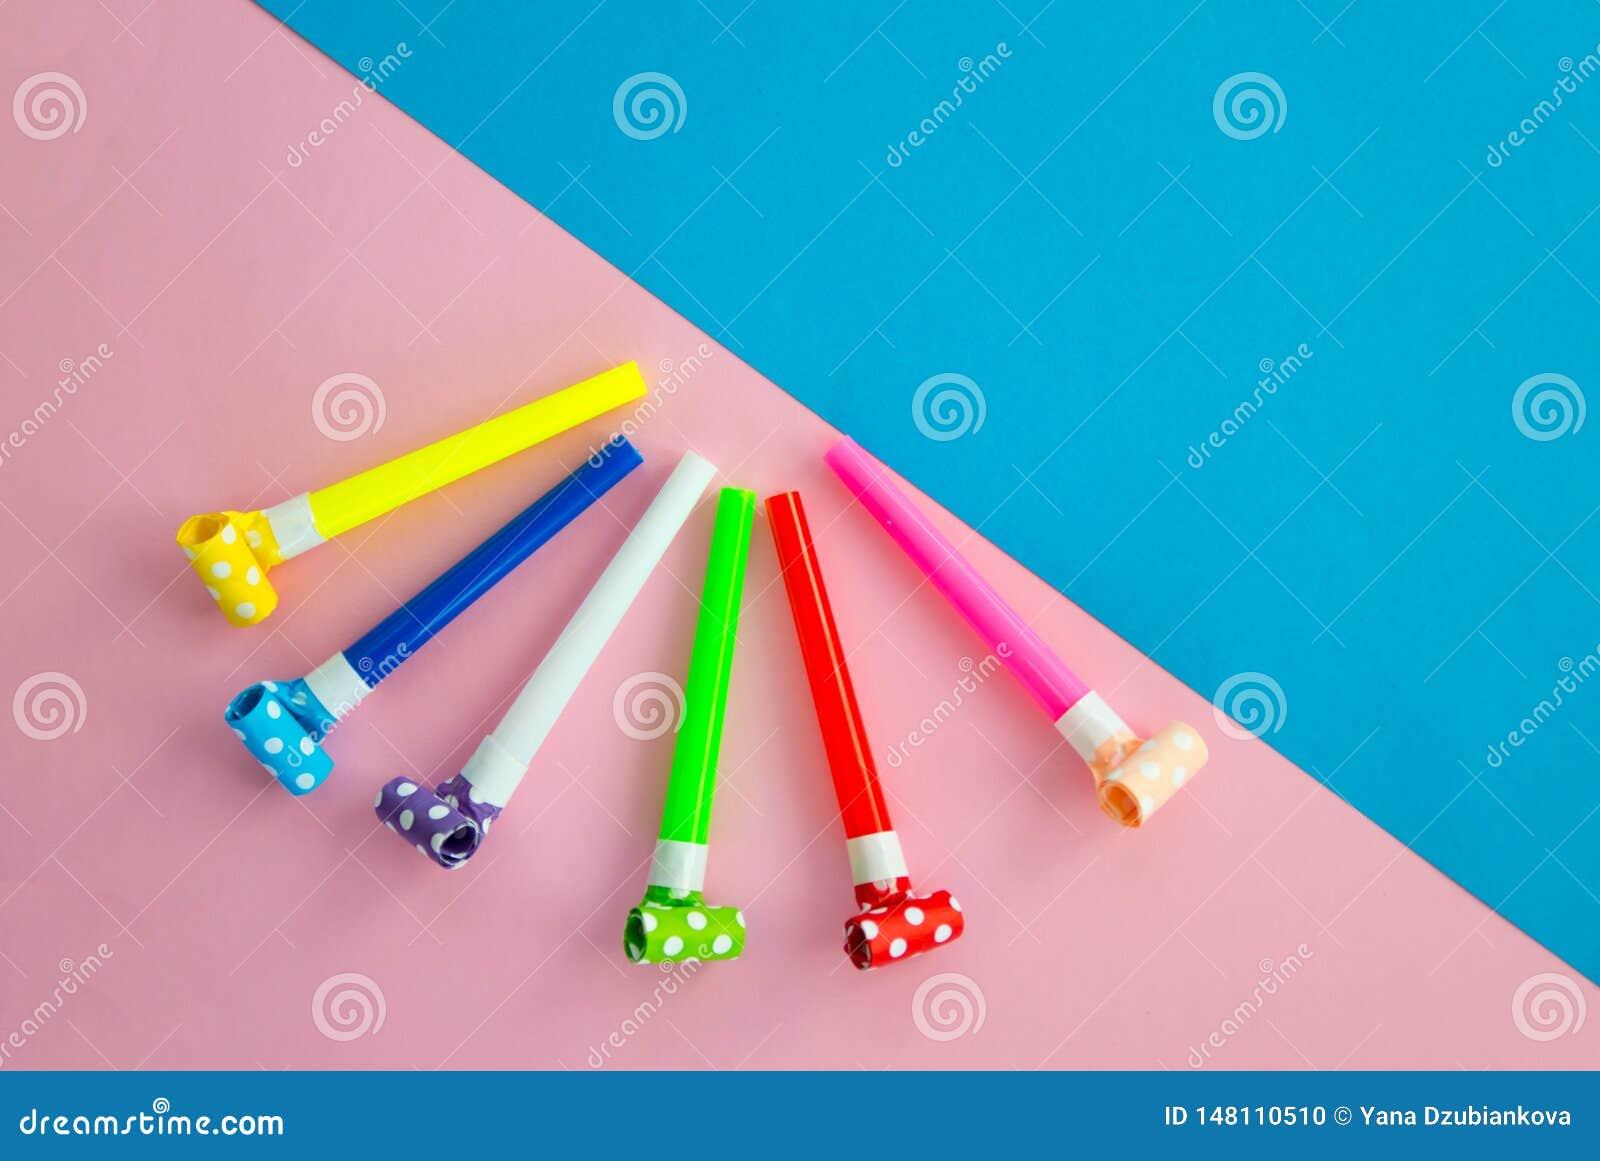 Объекты для праздновать ложь дня рождения на голубой и розовой предпосылке Воздушные шары, трубки для коктейлей и трубы, свистки